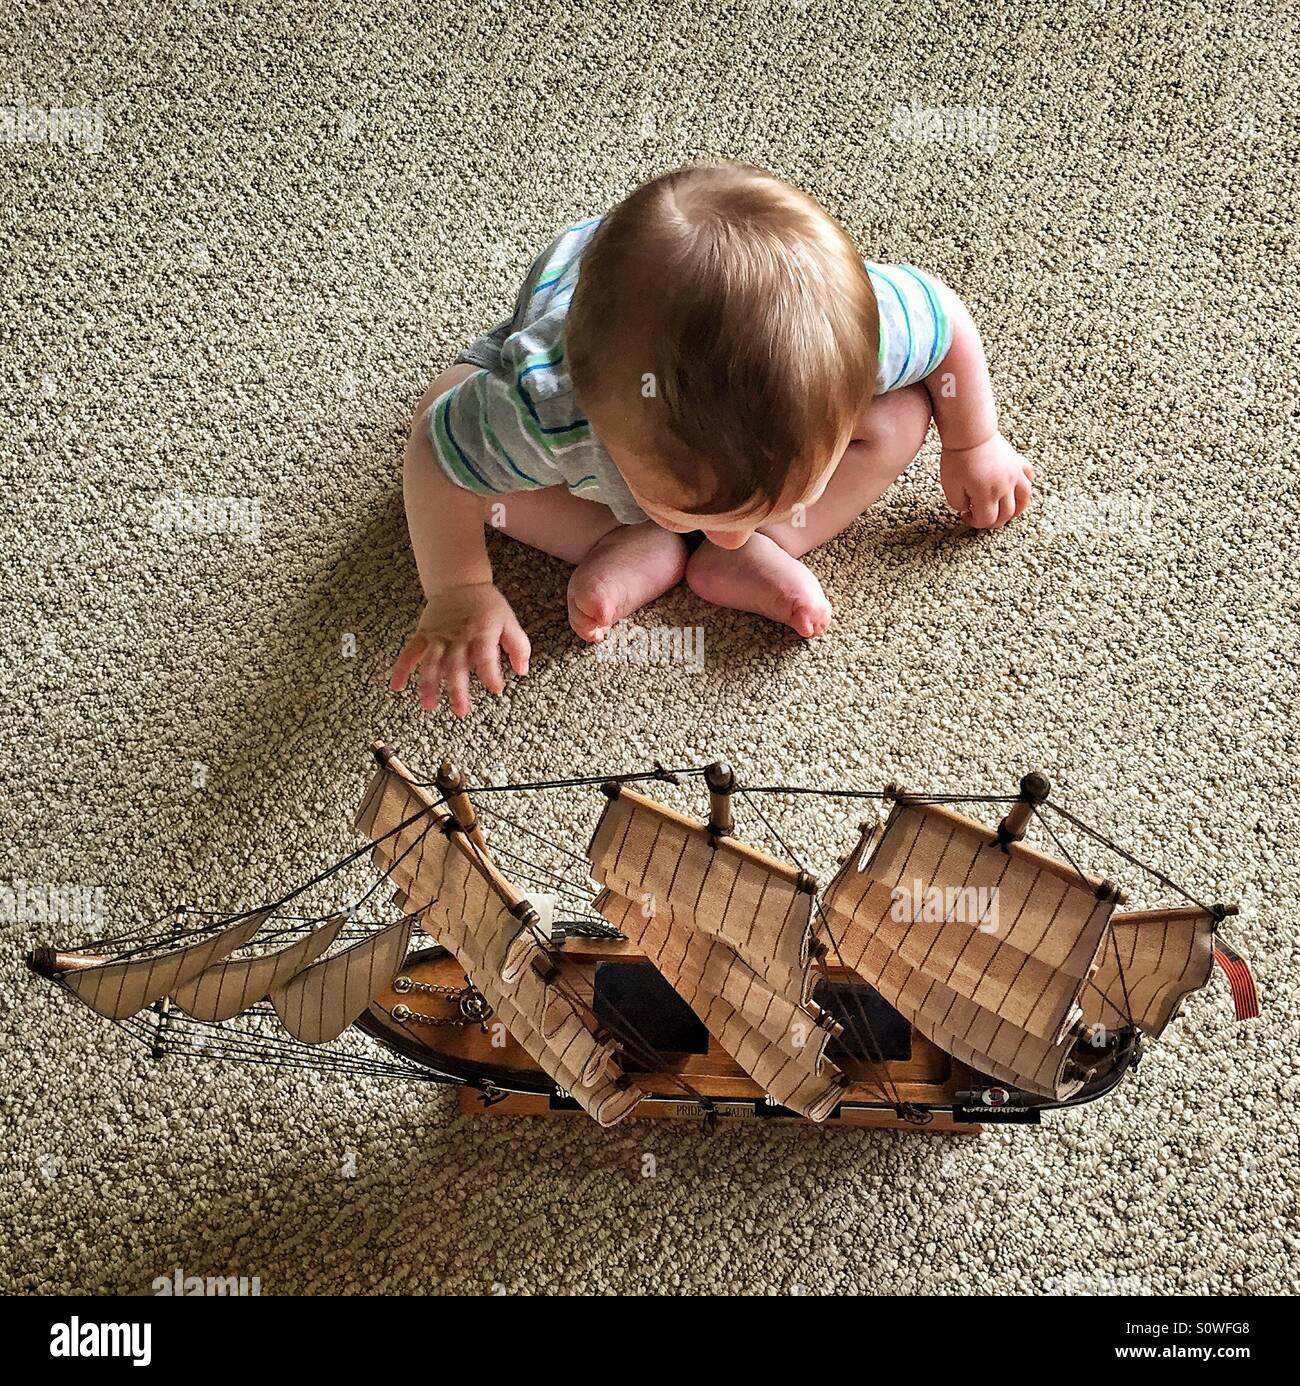 Baby für ein Modellschiff auf dem Boden sitzend zu erreichen Stockbild